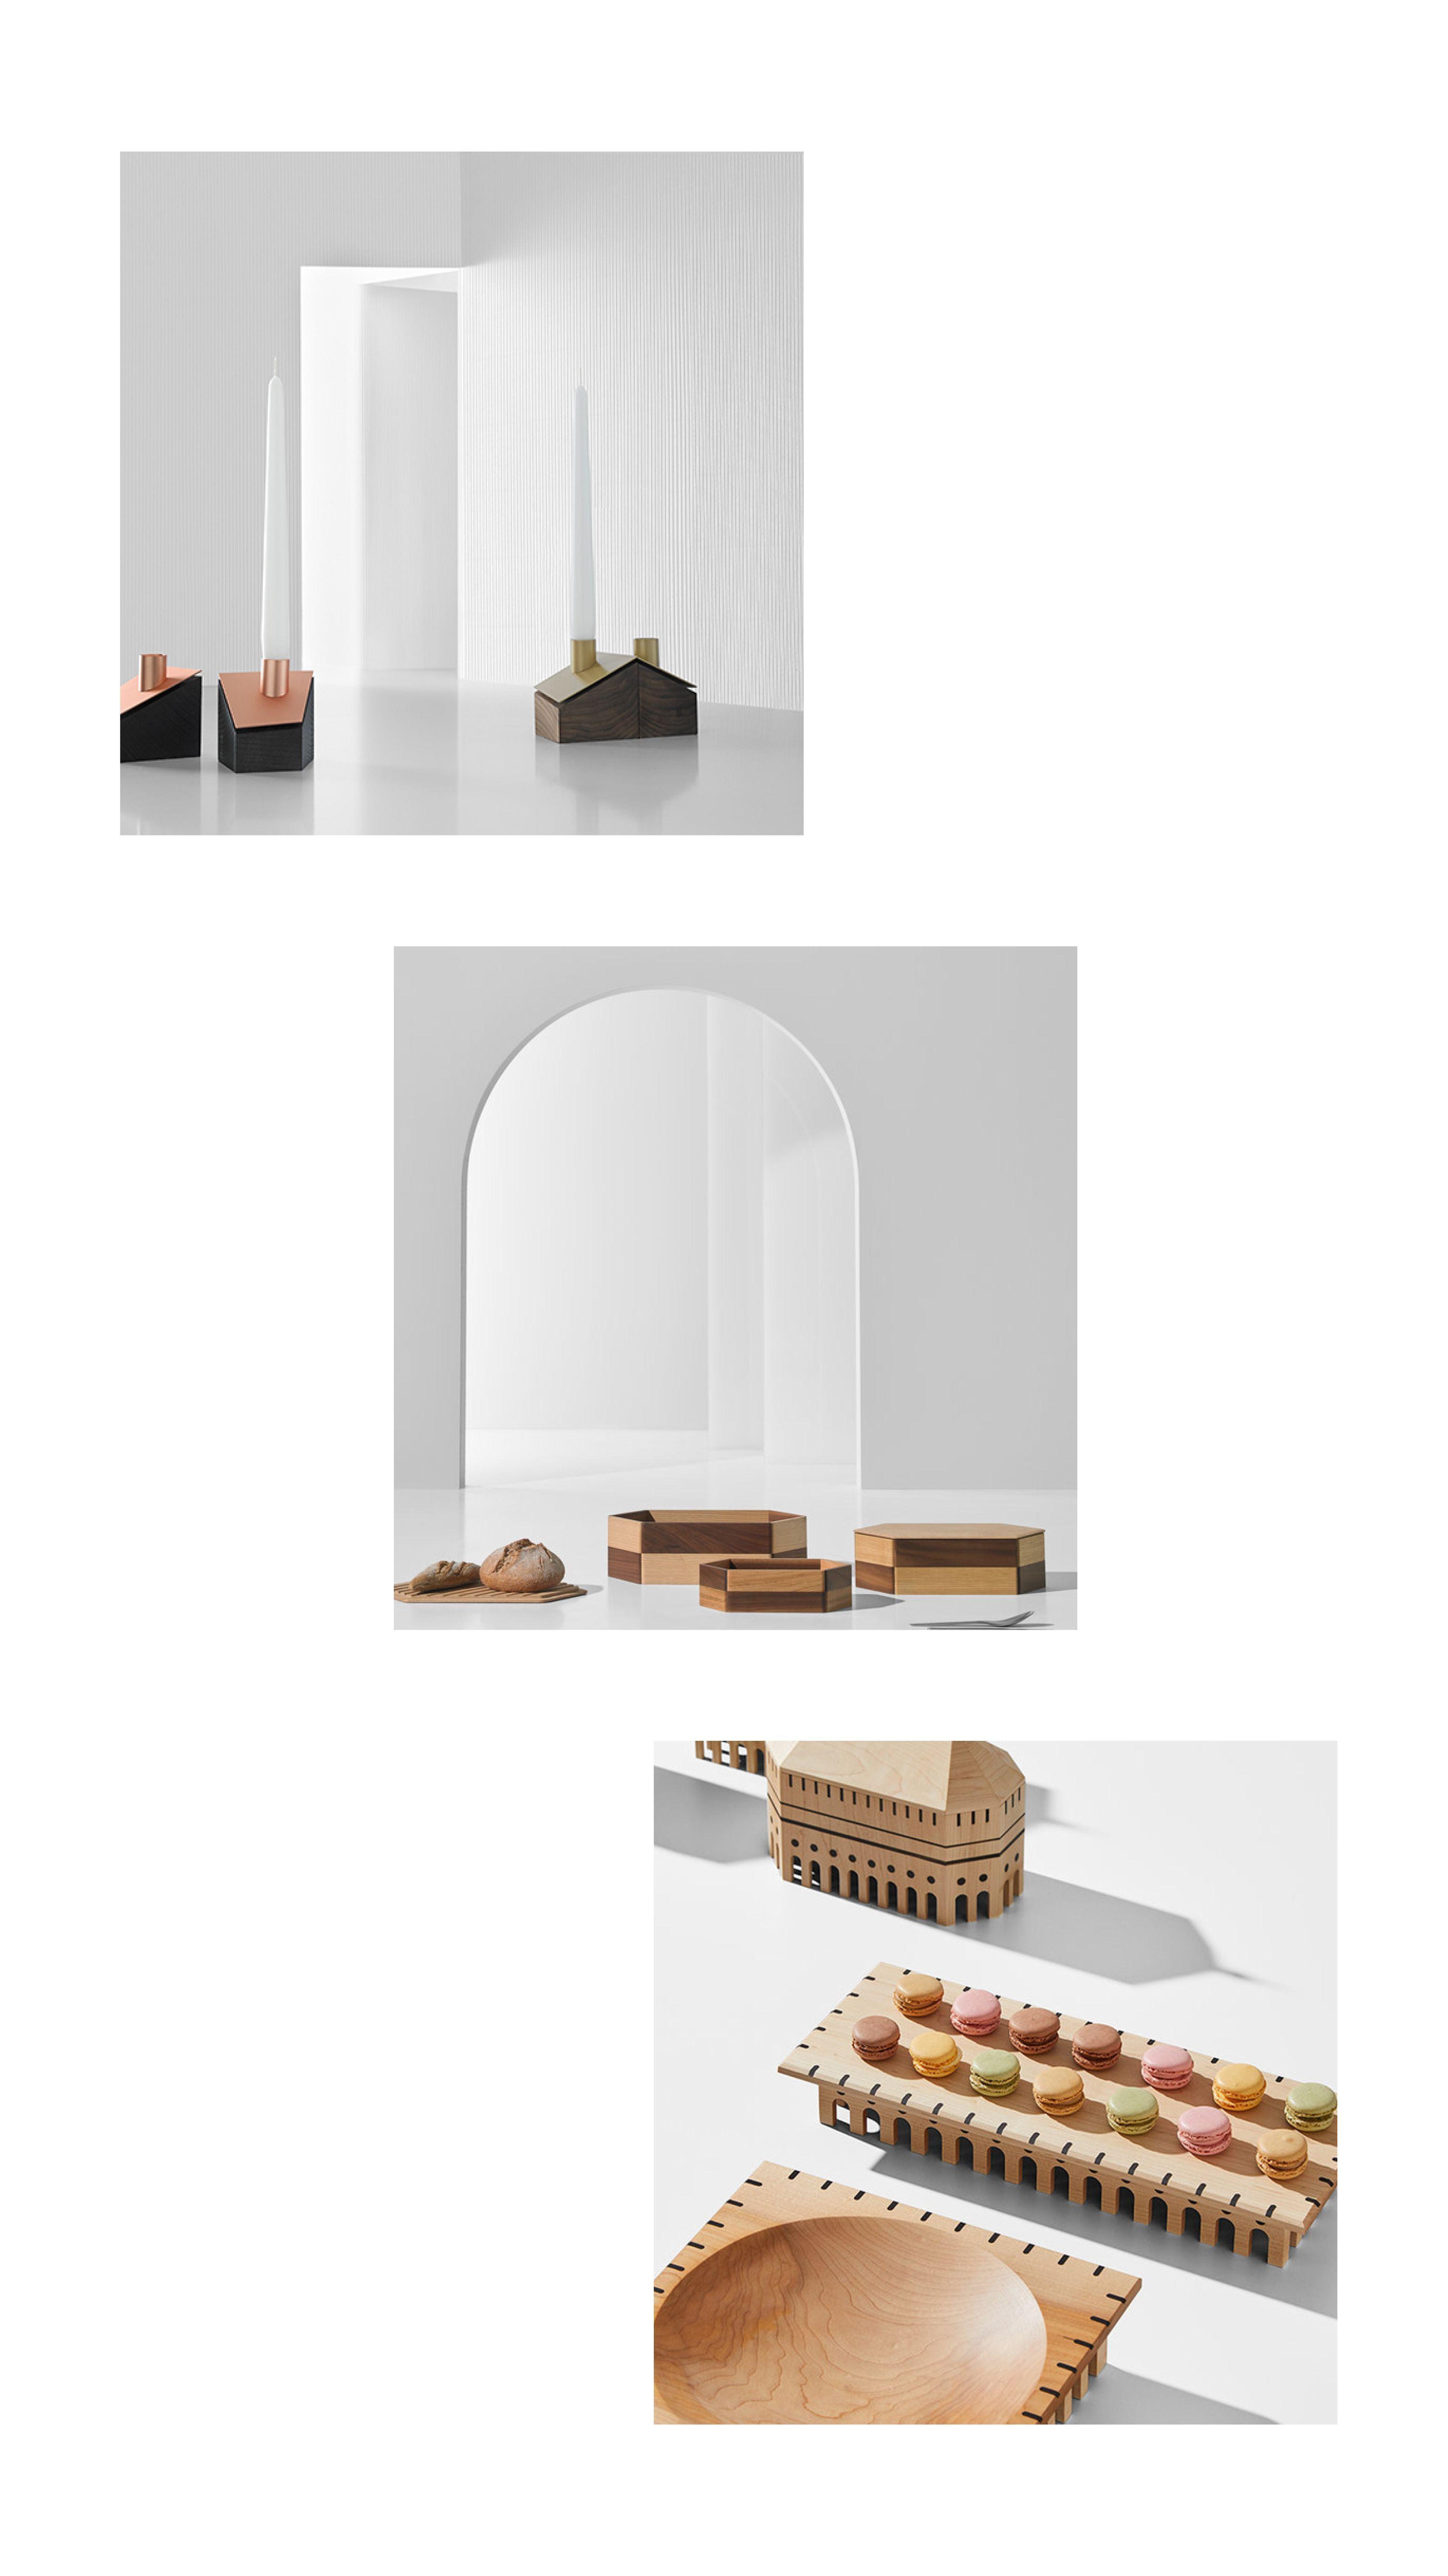 sara romero, mariano vallejo, el estudio verde, logotipo, romero y vallejo, estudio de arquitectura, toledo, madrid, vitápolis